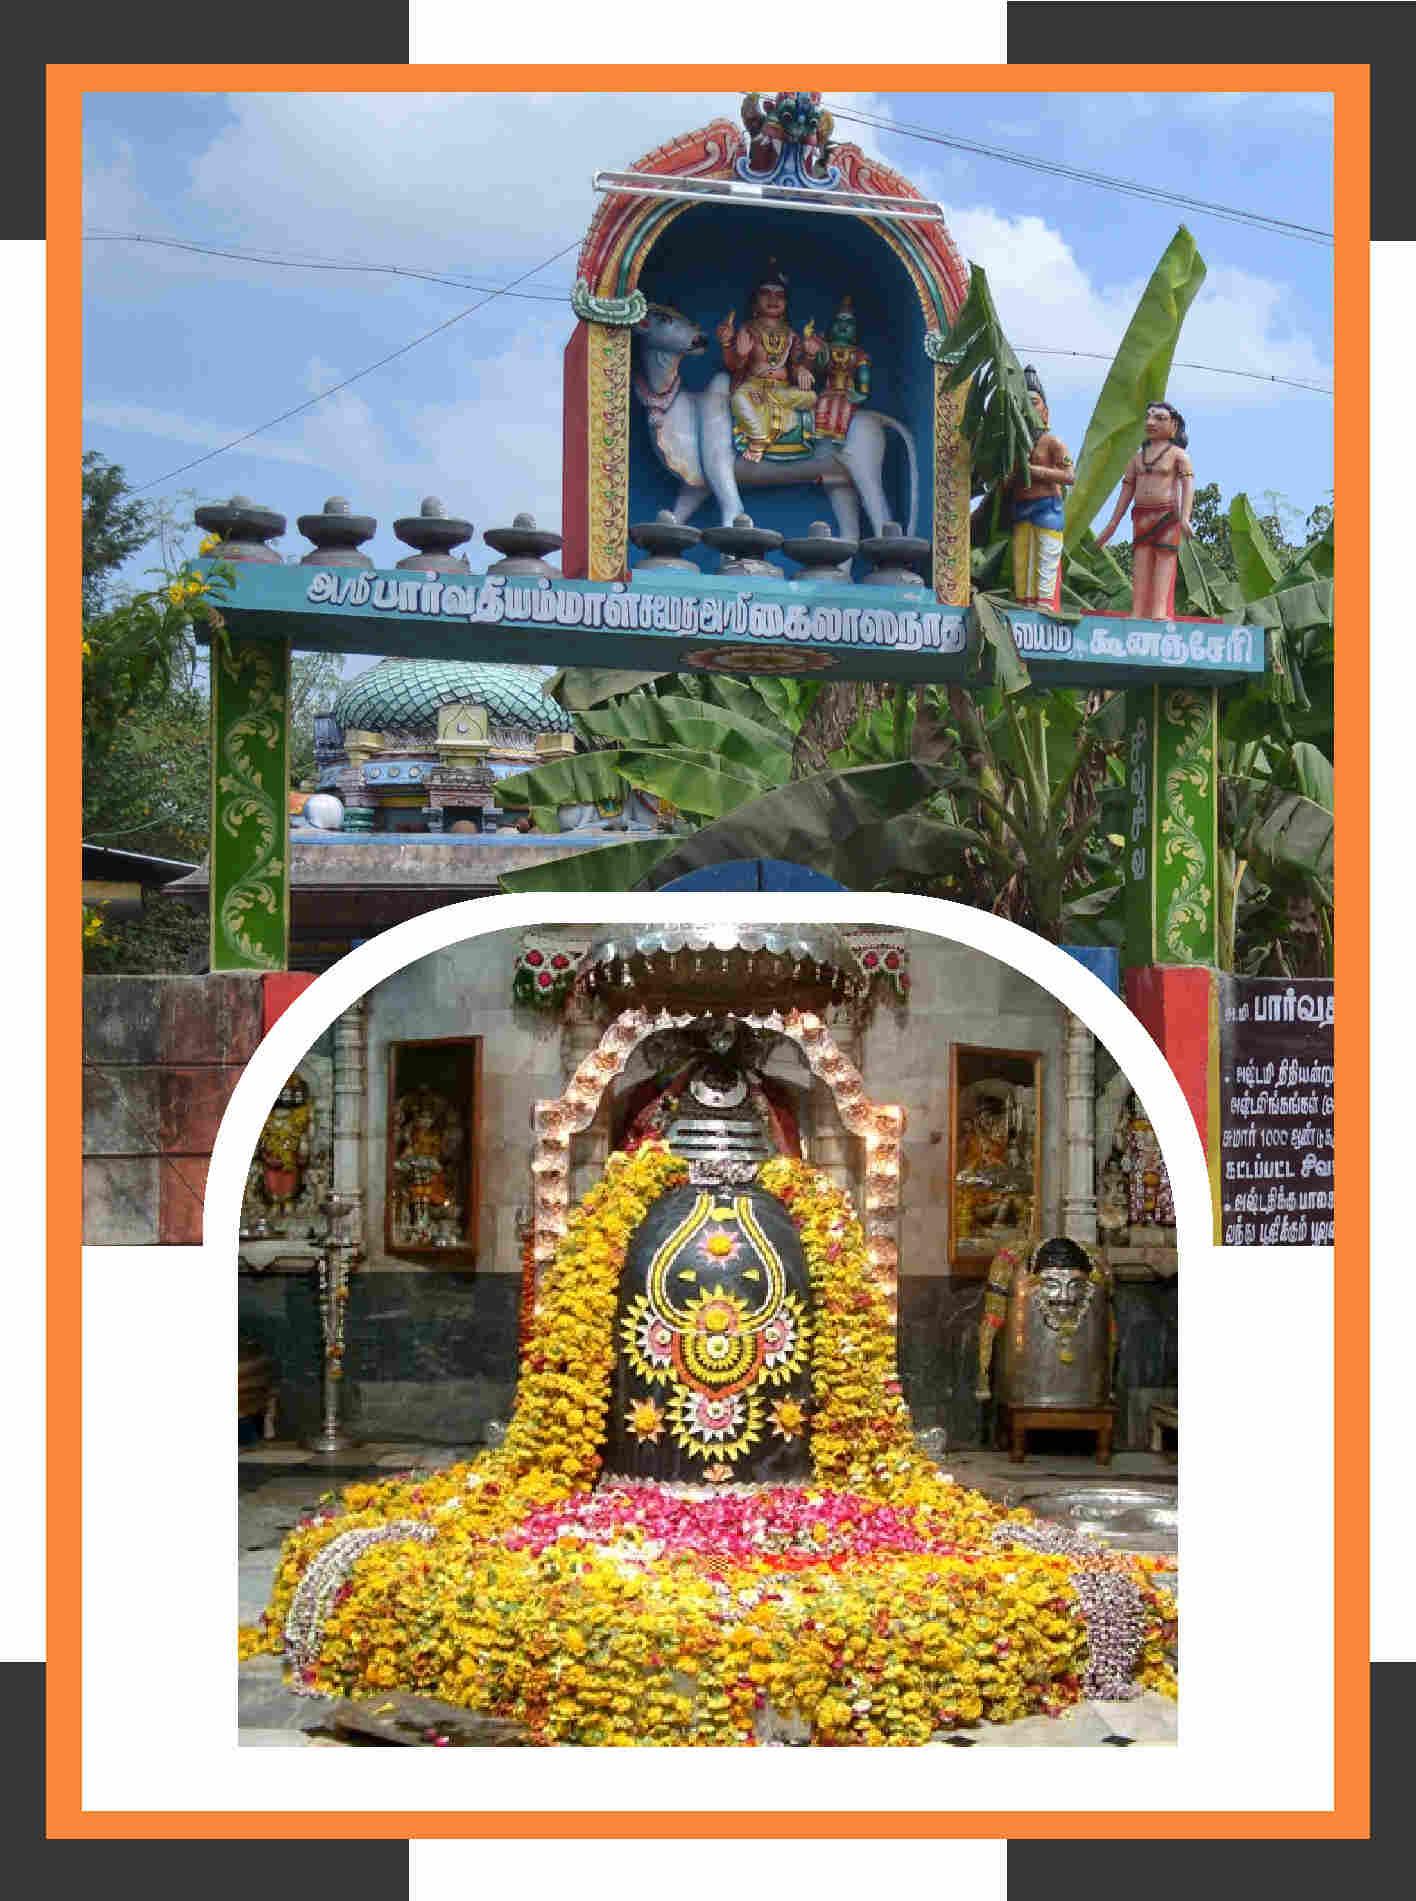 Koonancheri  Sri Kailasanathar Astha Linga Abishekam on Ashtami for 11 weeks